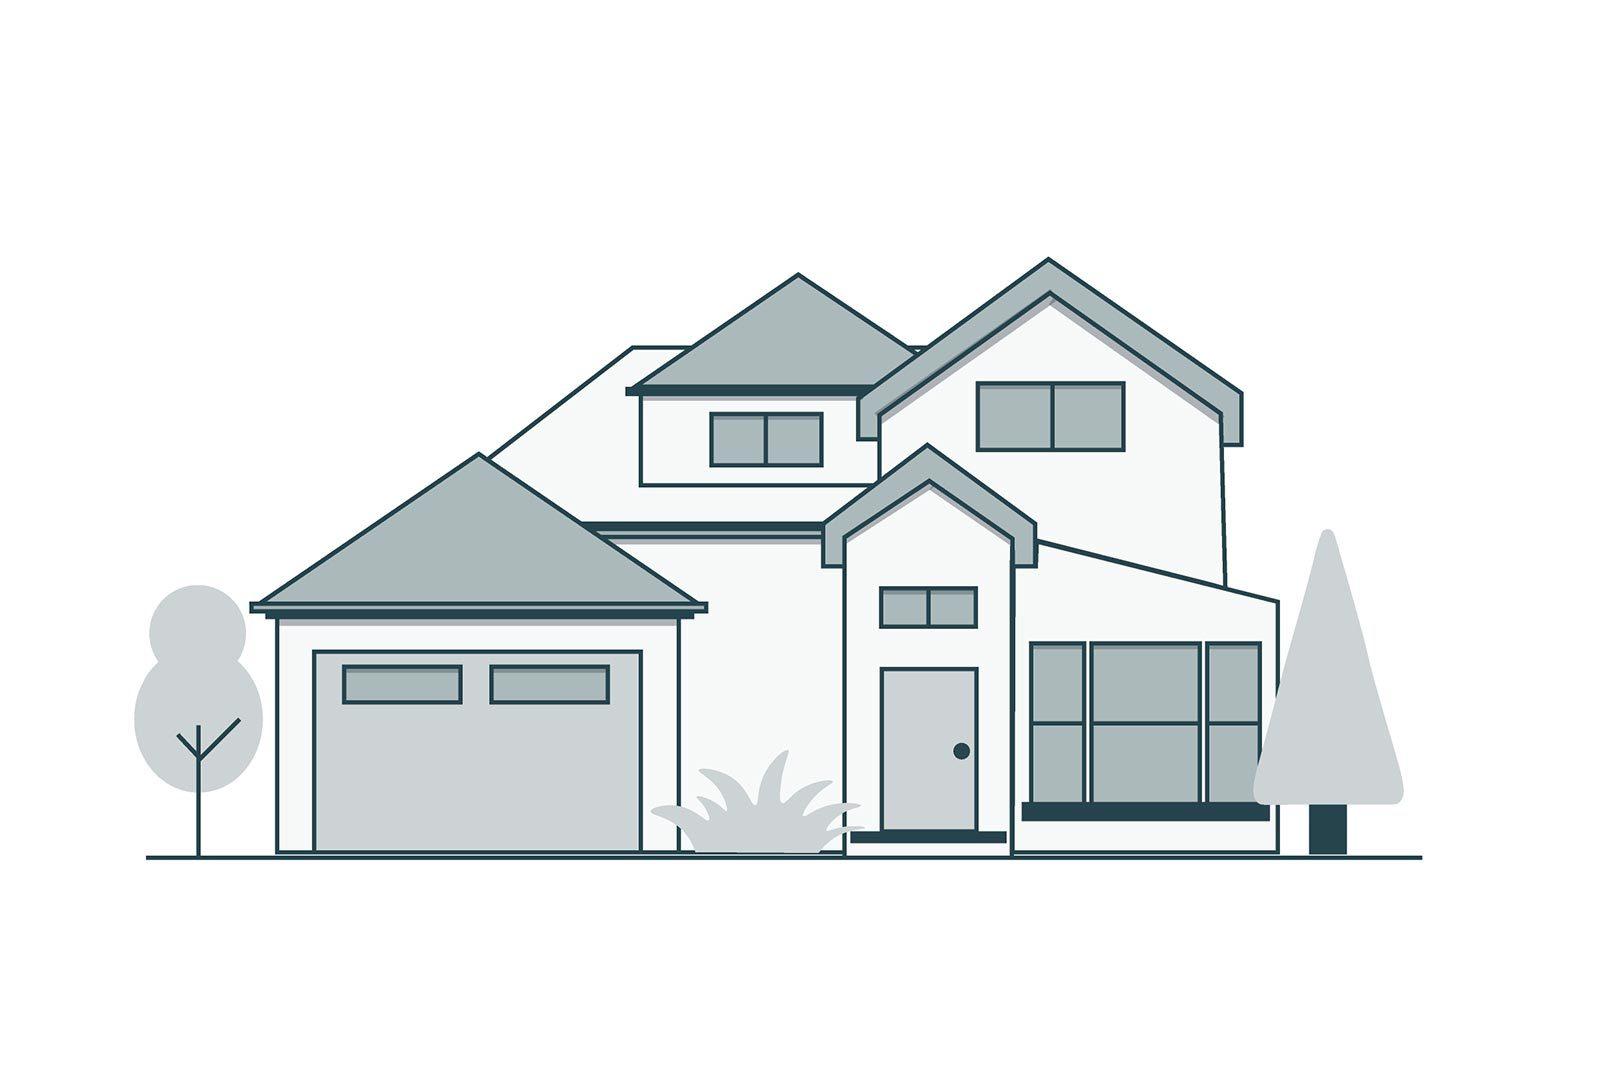 160 Corona St San Francisco, CA 94127